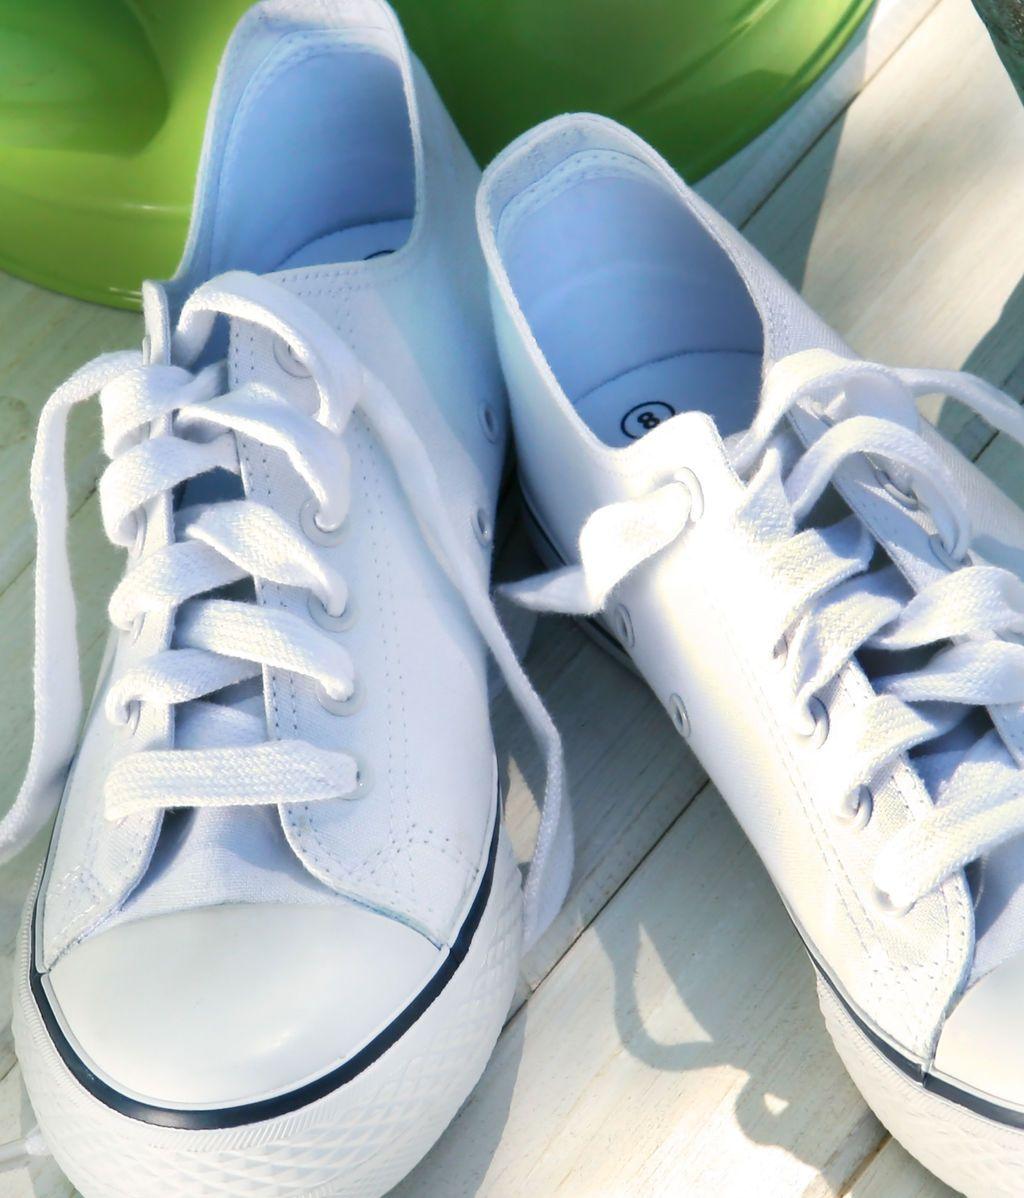 Este truco casero va a devolver el color blanco a tus zapatillas